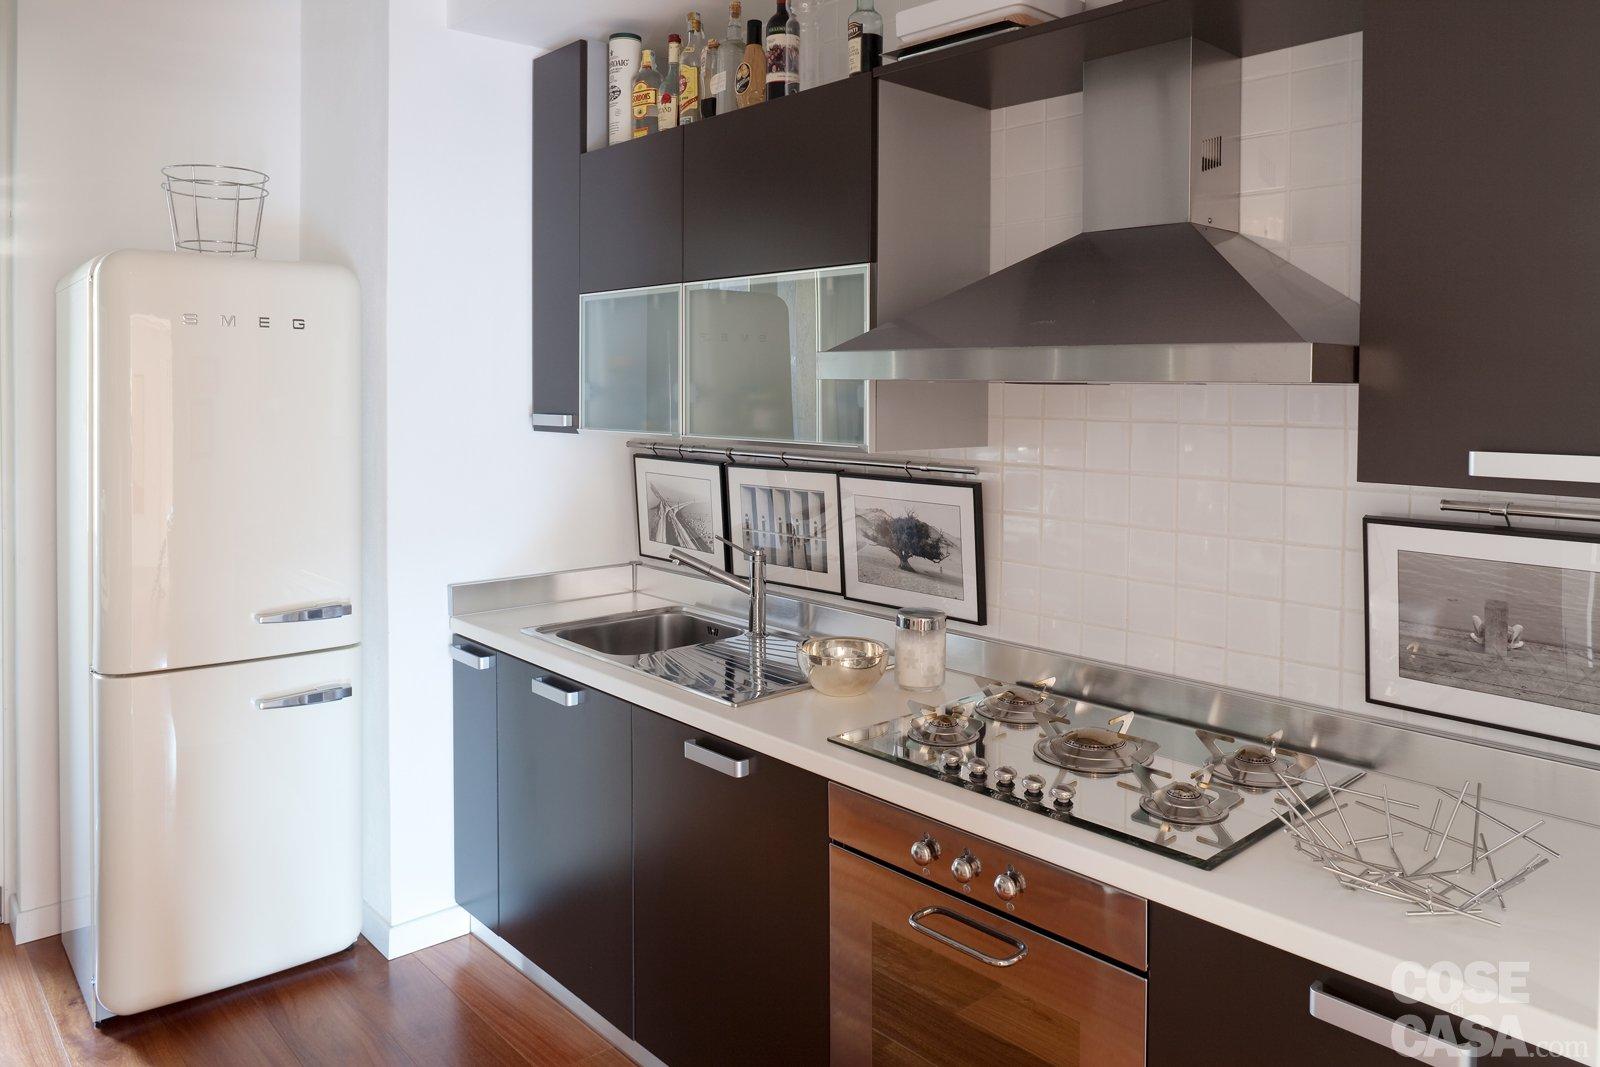 percorsi ridisegnati per una casa pi vivibile cose di casa